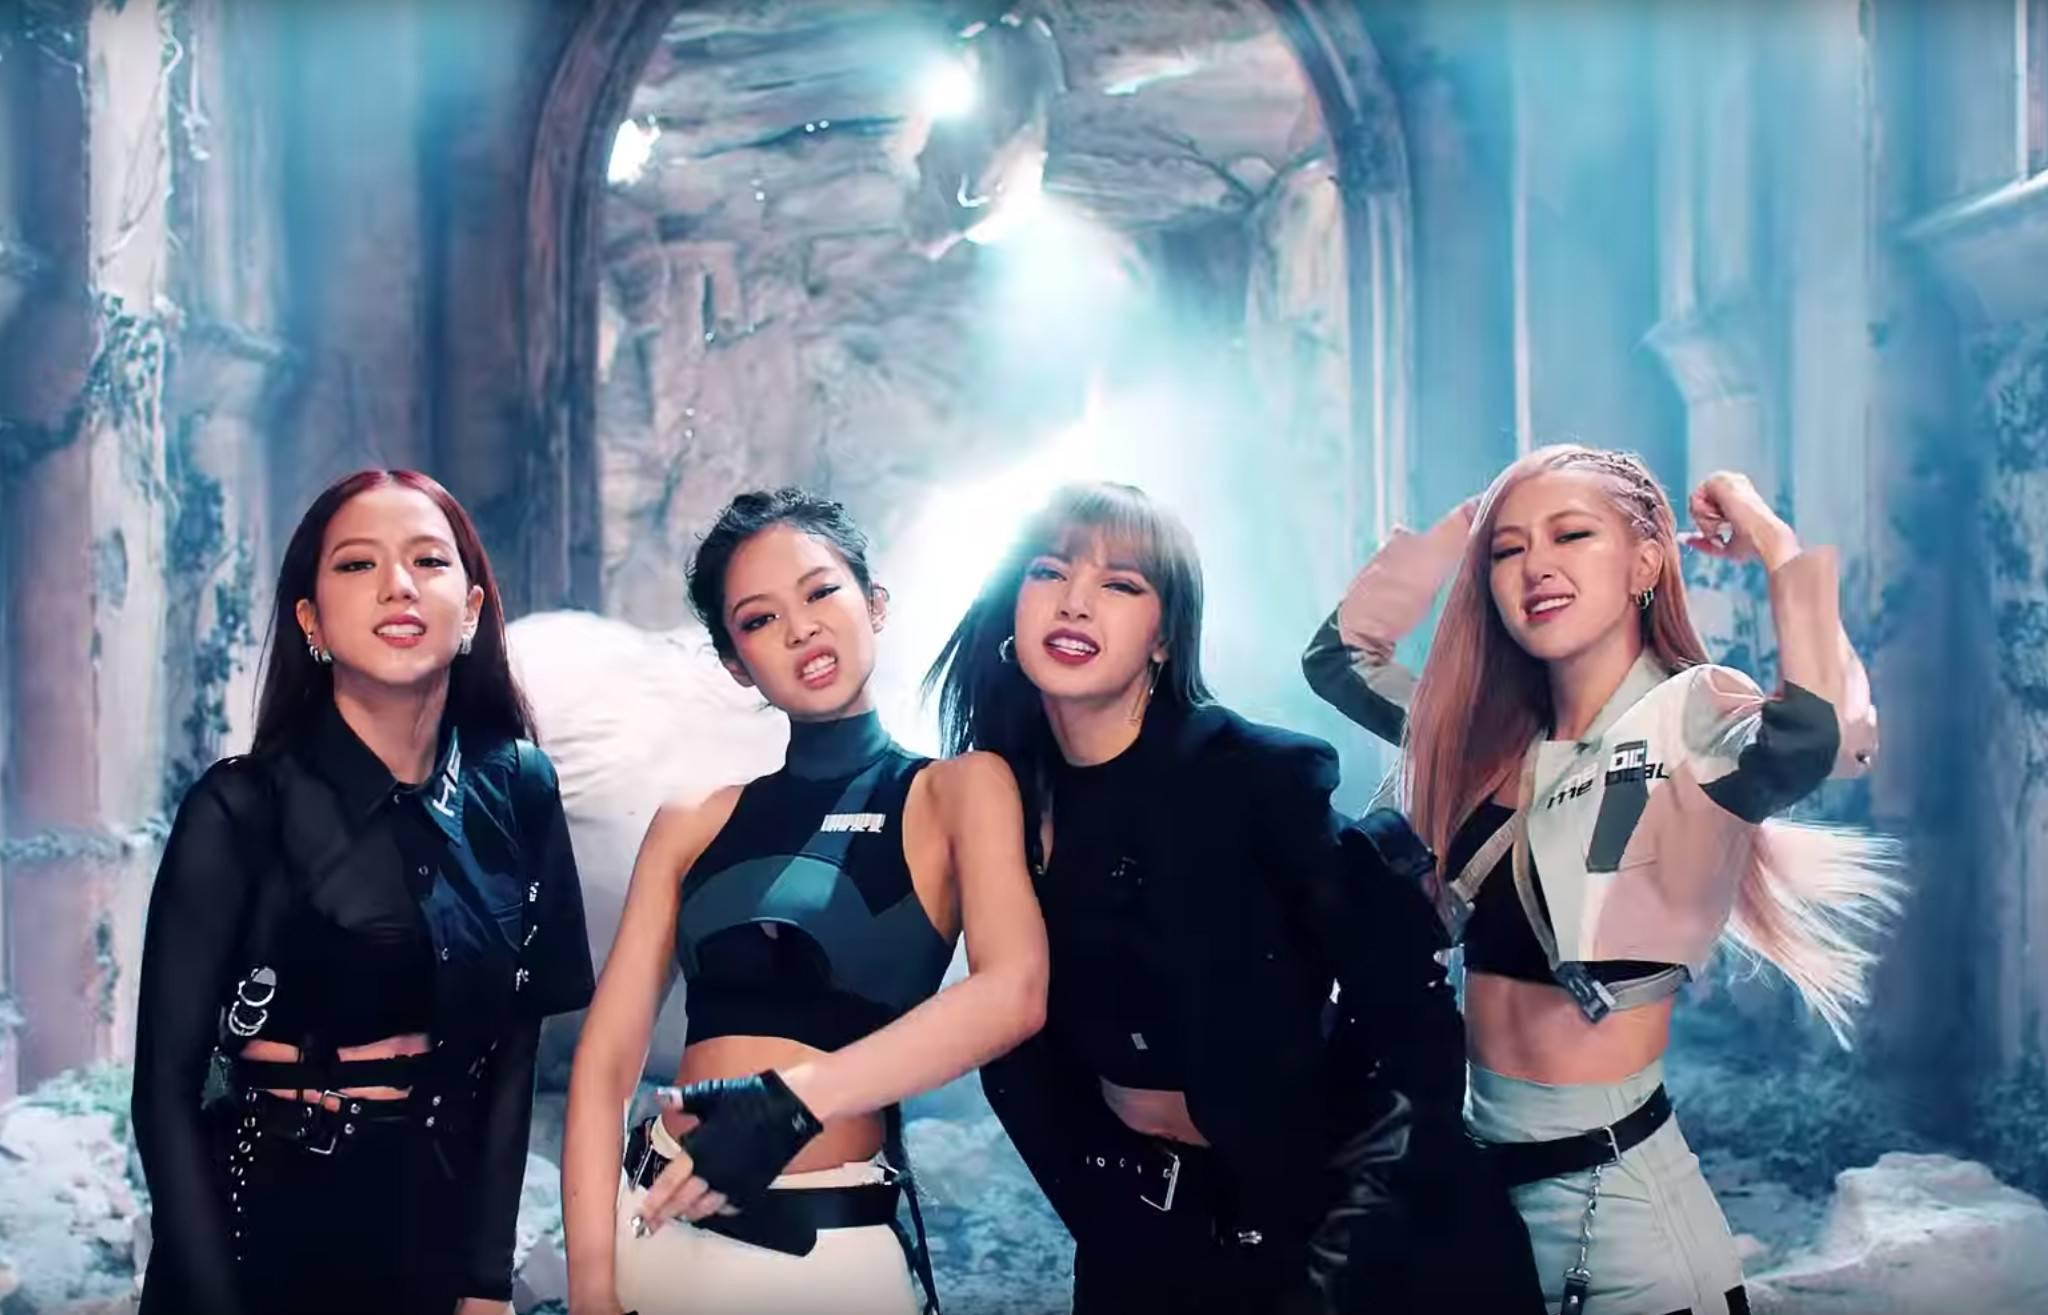 Bức ảnh gây lú nhất ngày: Khoảnh khắc Black Pink gặp gỡ 4 cô gái đến từ Hàn Quốc?